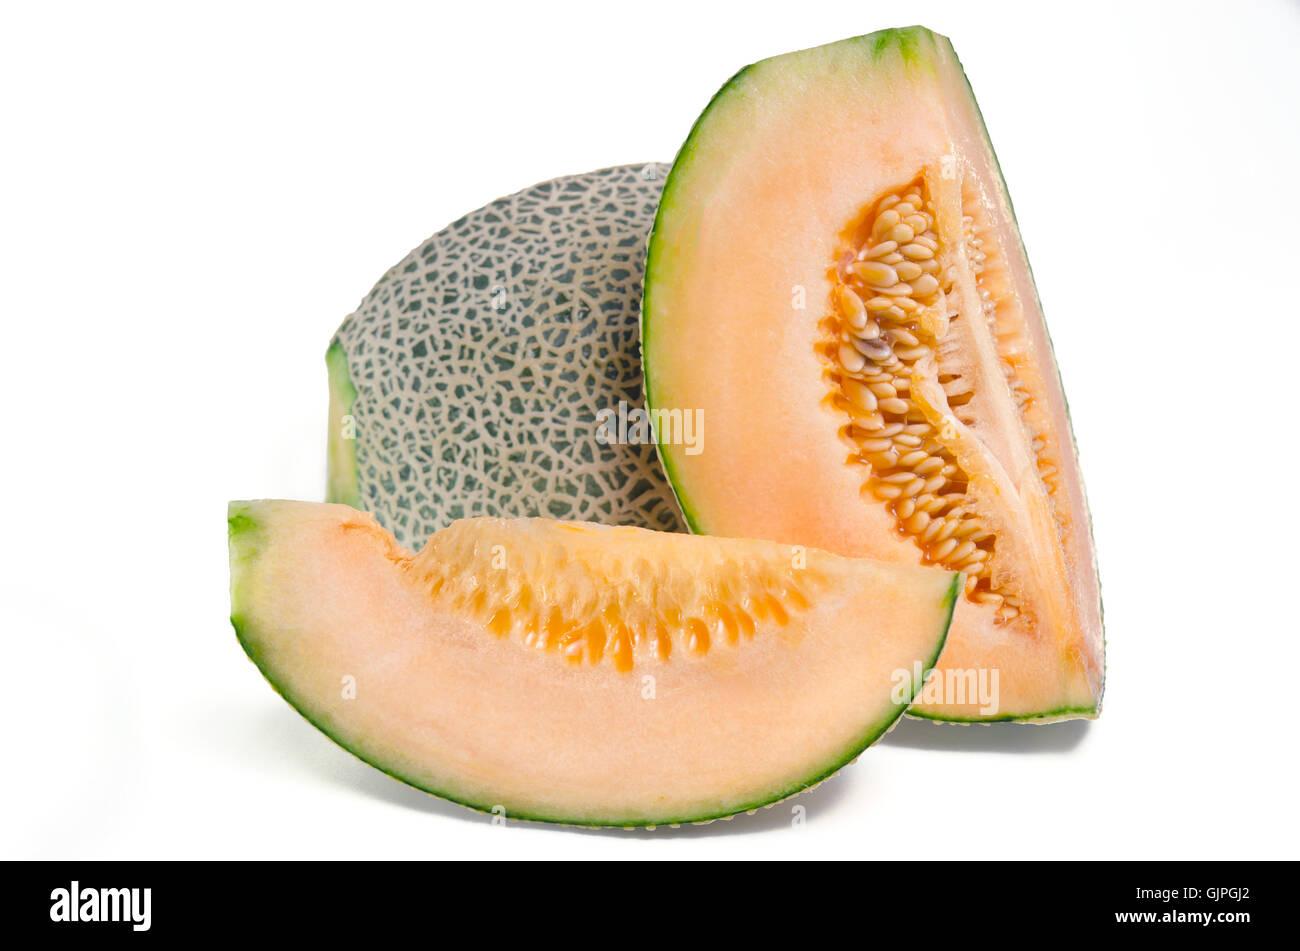 Cucumis melo o melone con semi e semi sul bianco (Altri nomi sono cantelope, cantaloup, melata, Crenshaw, casaba, Immagini Stock